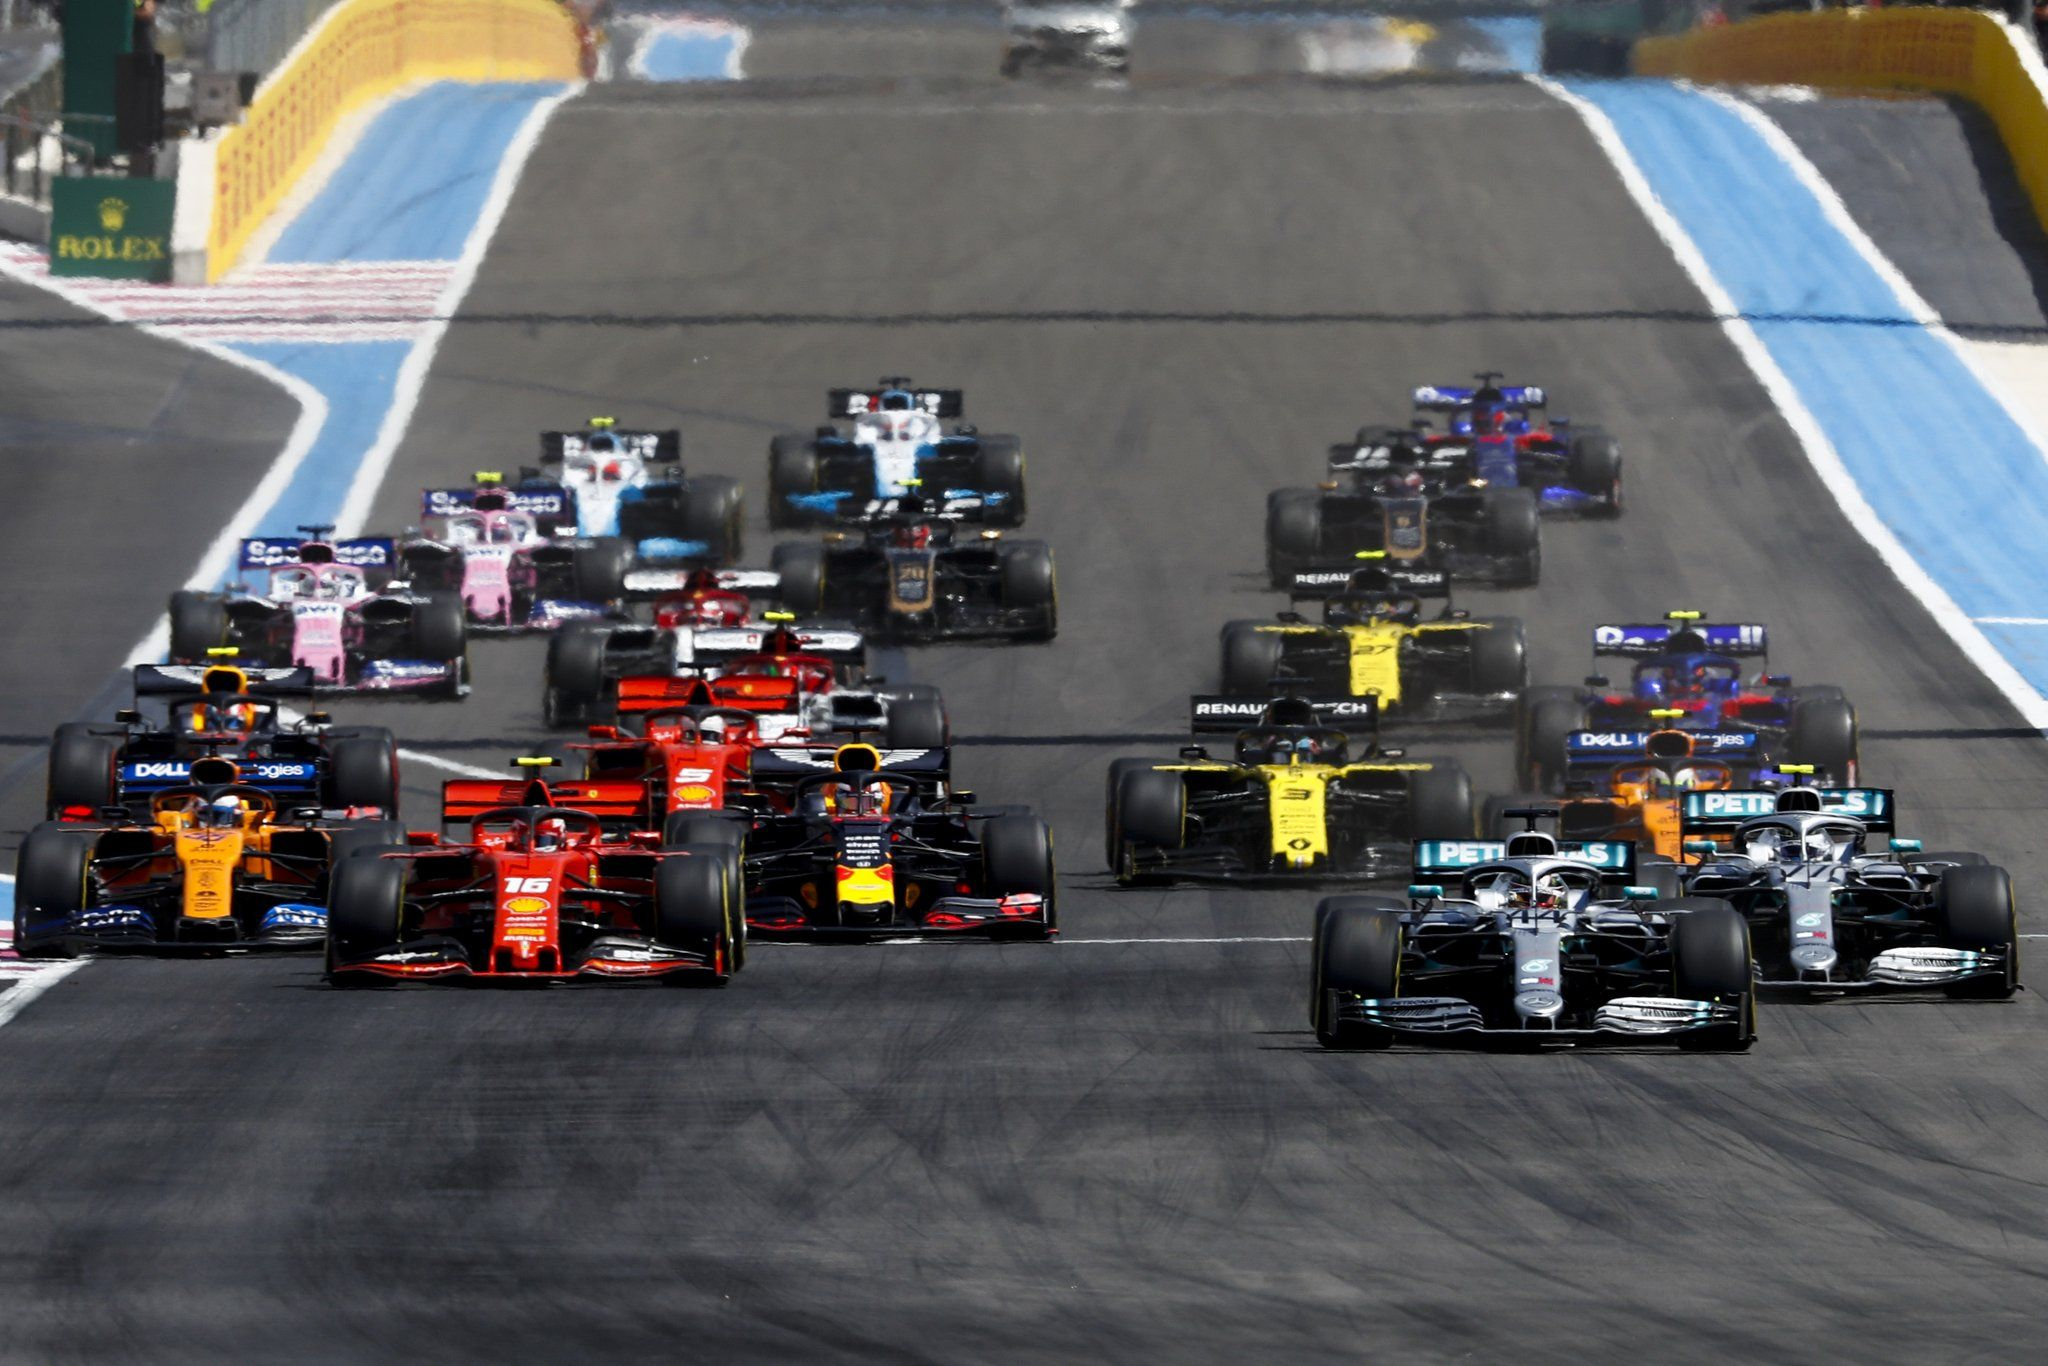 F1 Grand prix, Le castellet, Changement de pneu